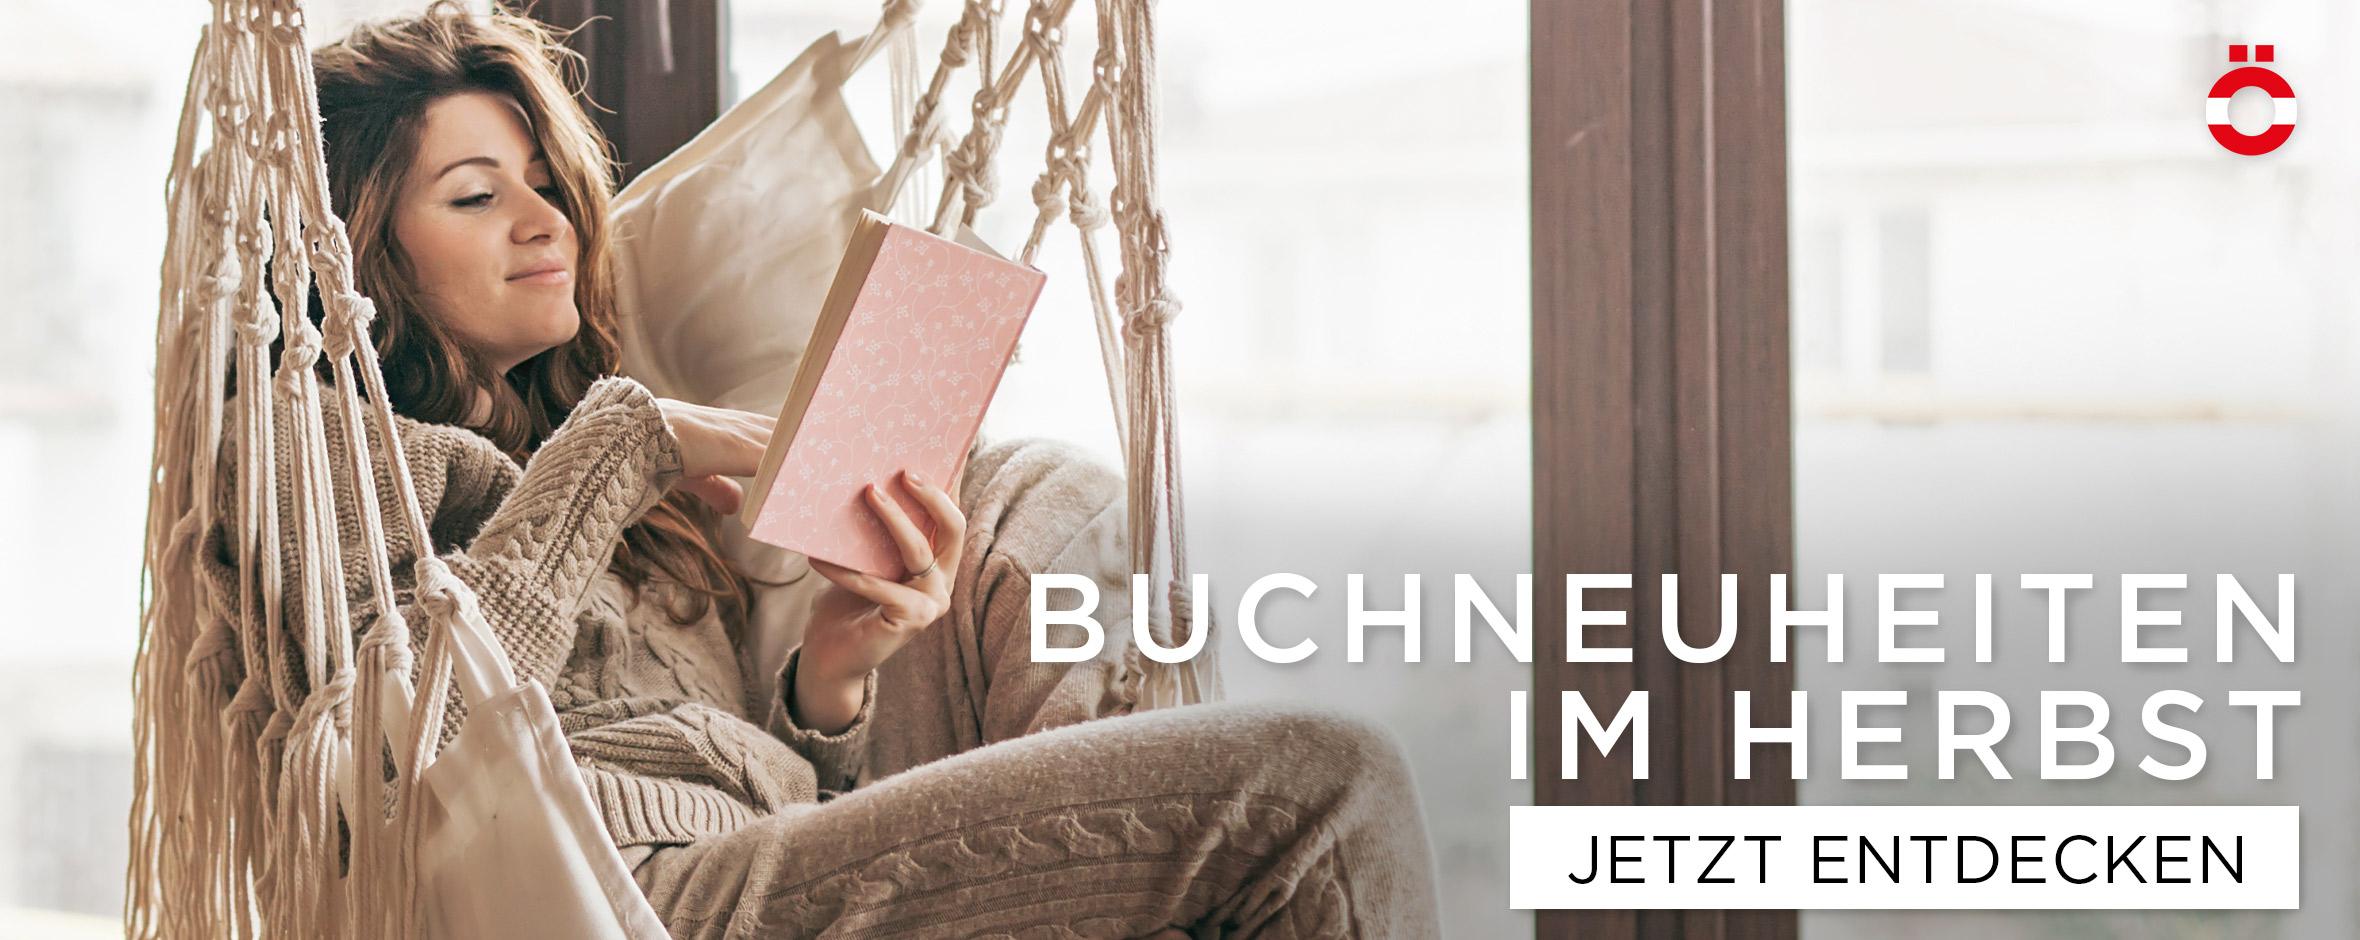 Bücher Neuheiten Herbst 2020 - shöpping.at